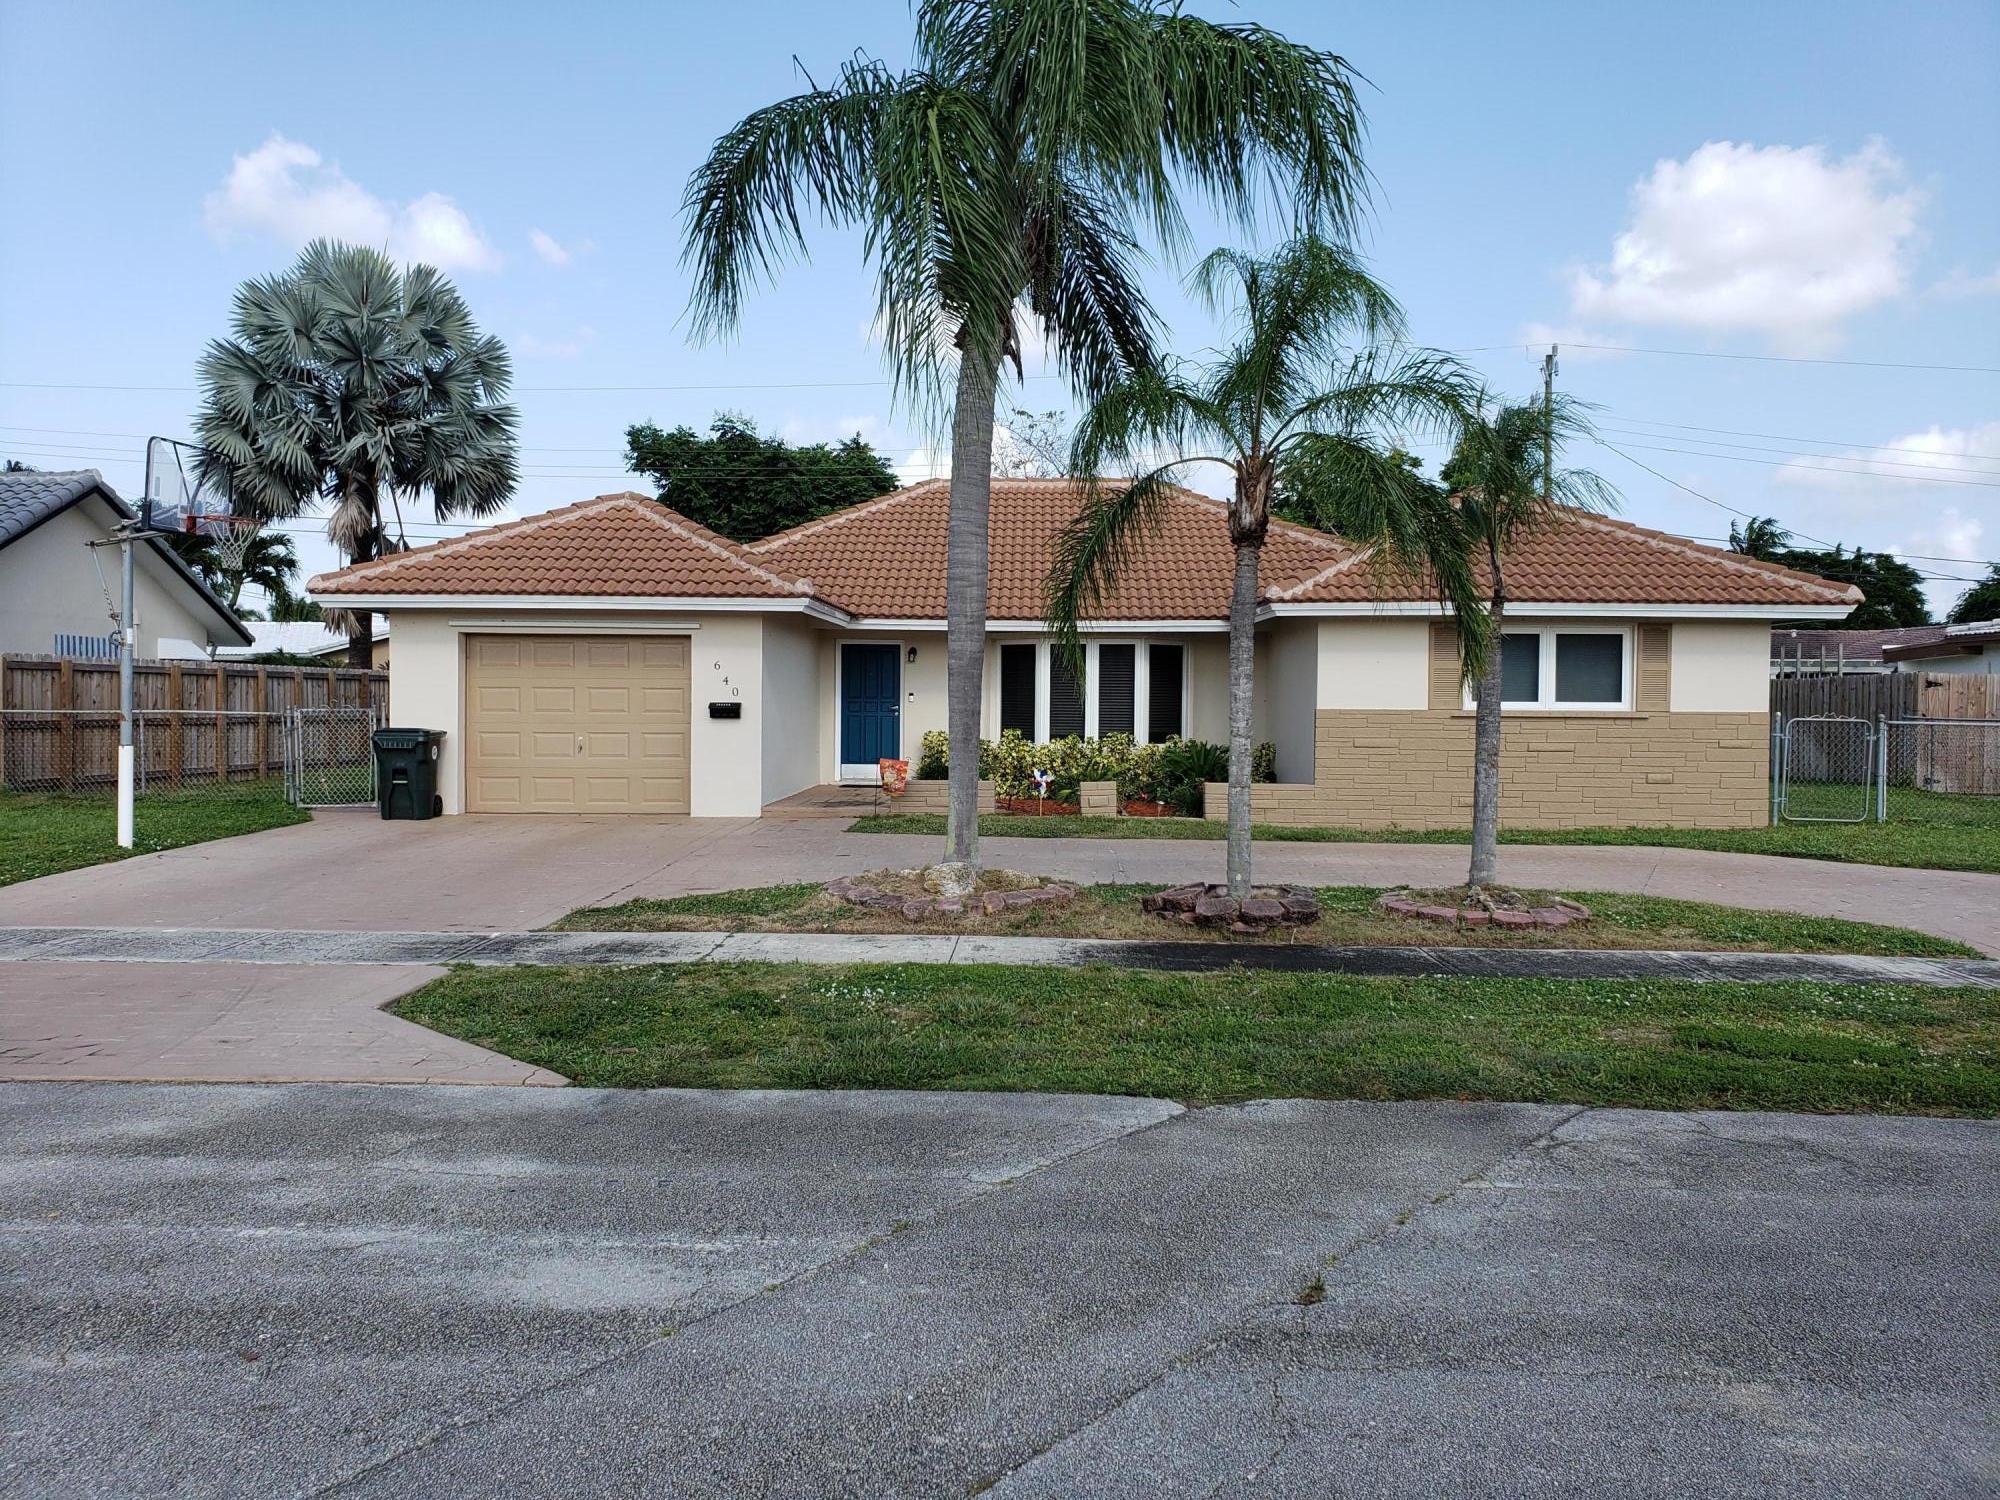 640 Nw 16th Court W, Boca Raton, FL 33486